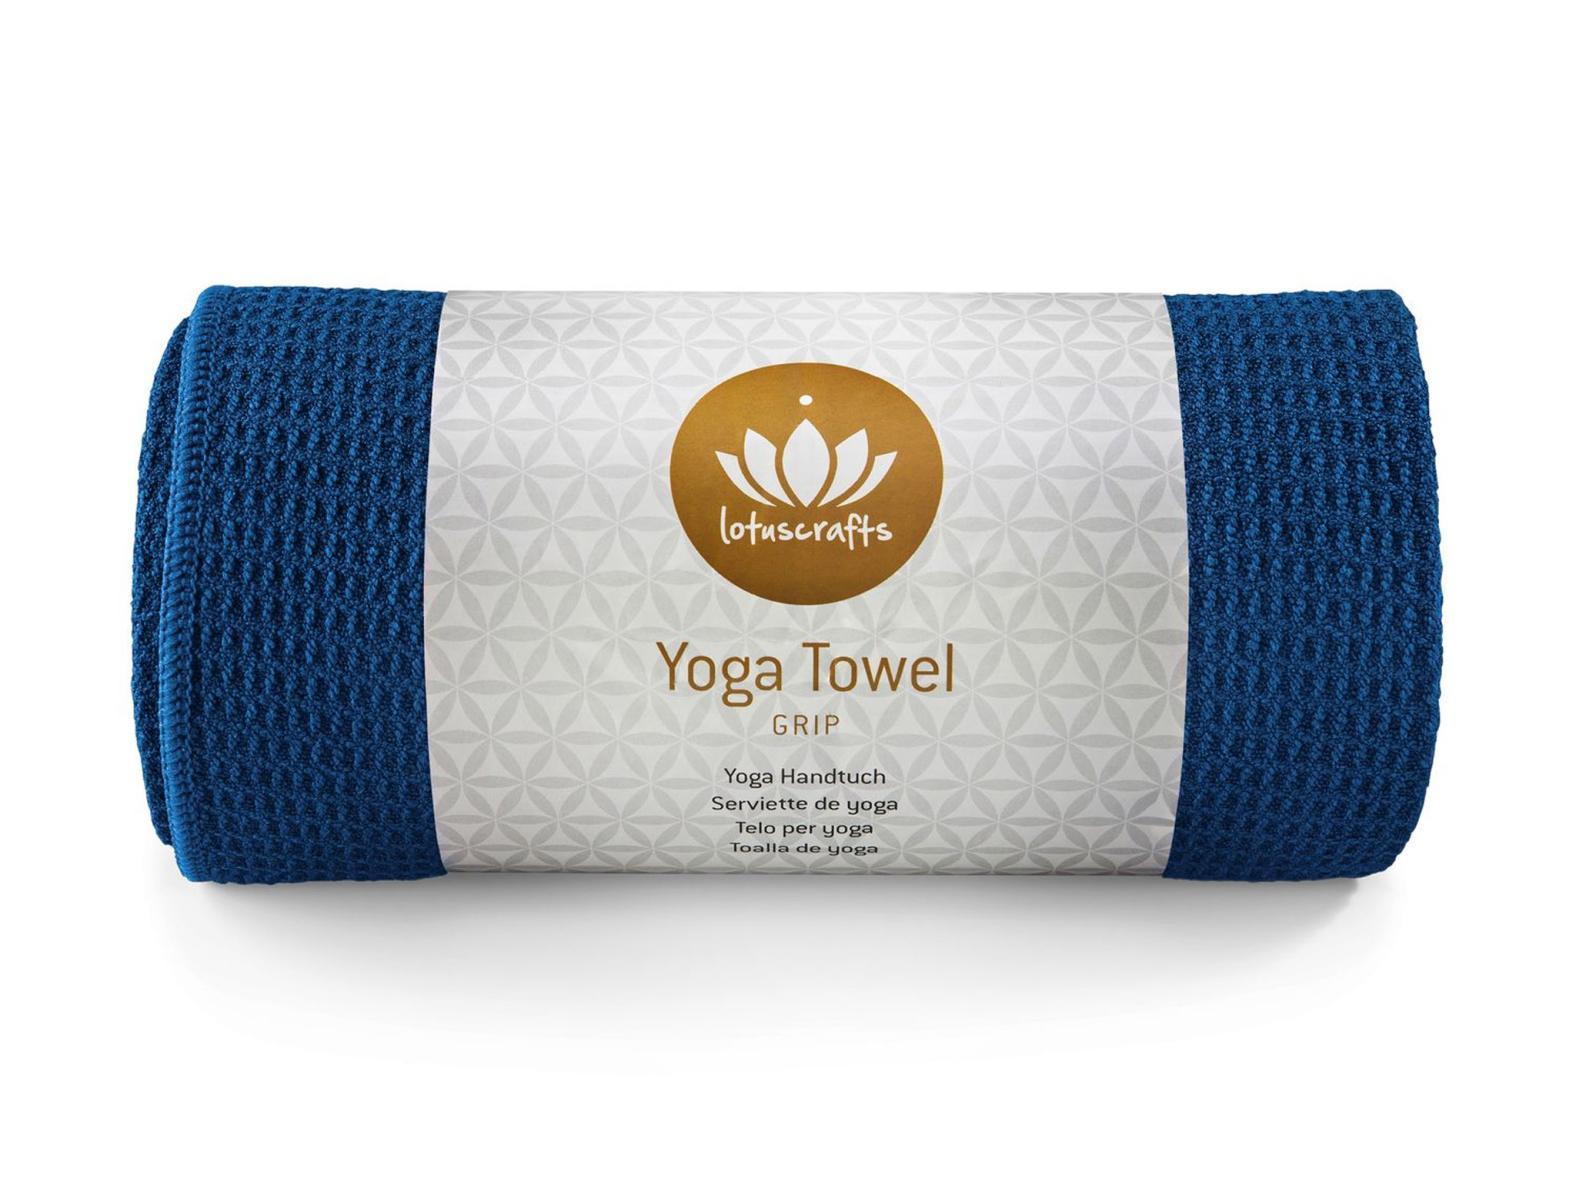 Yoga Handtuch GRIP (183 x 61 cm) - Königsblau - Mit rutschfester Unterseite